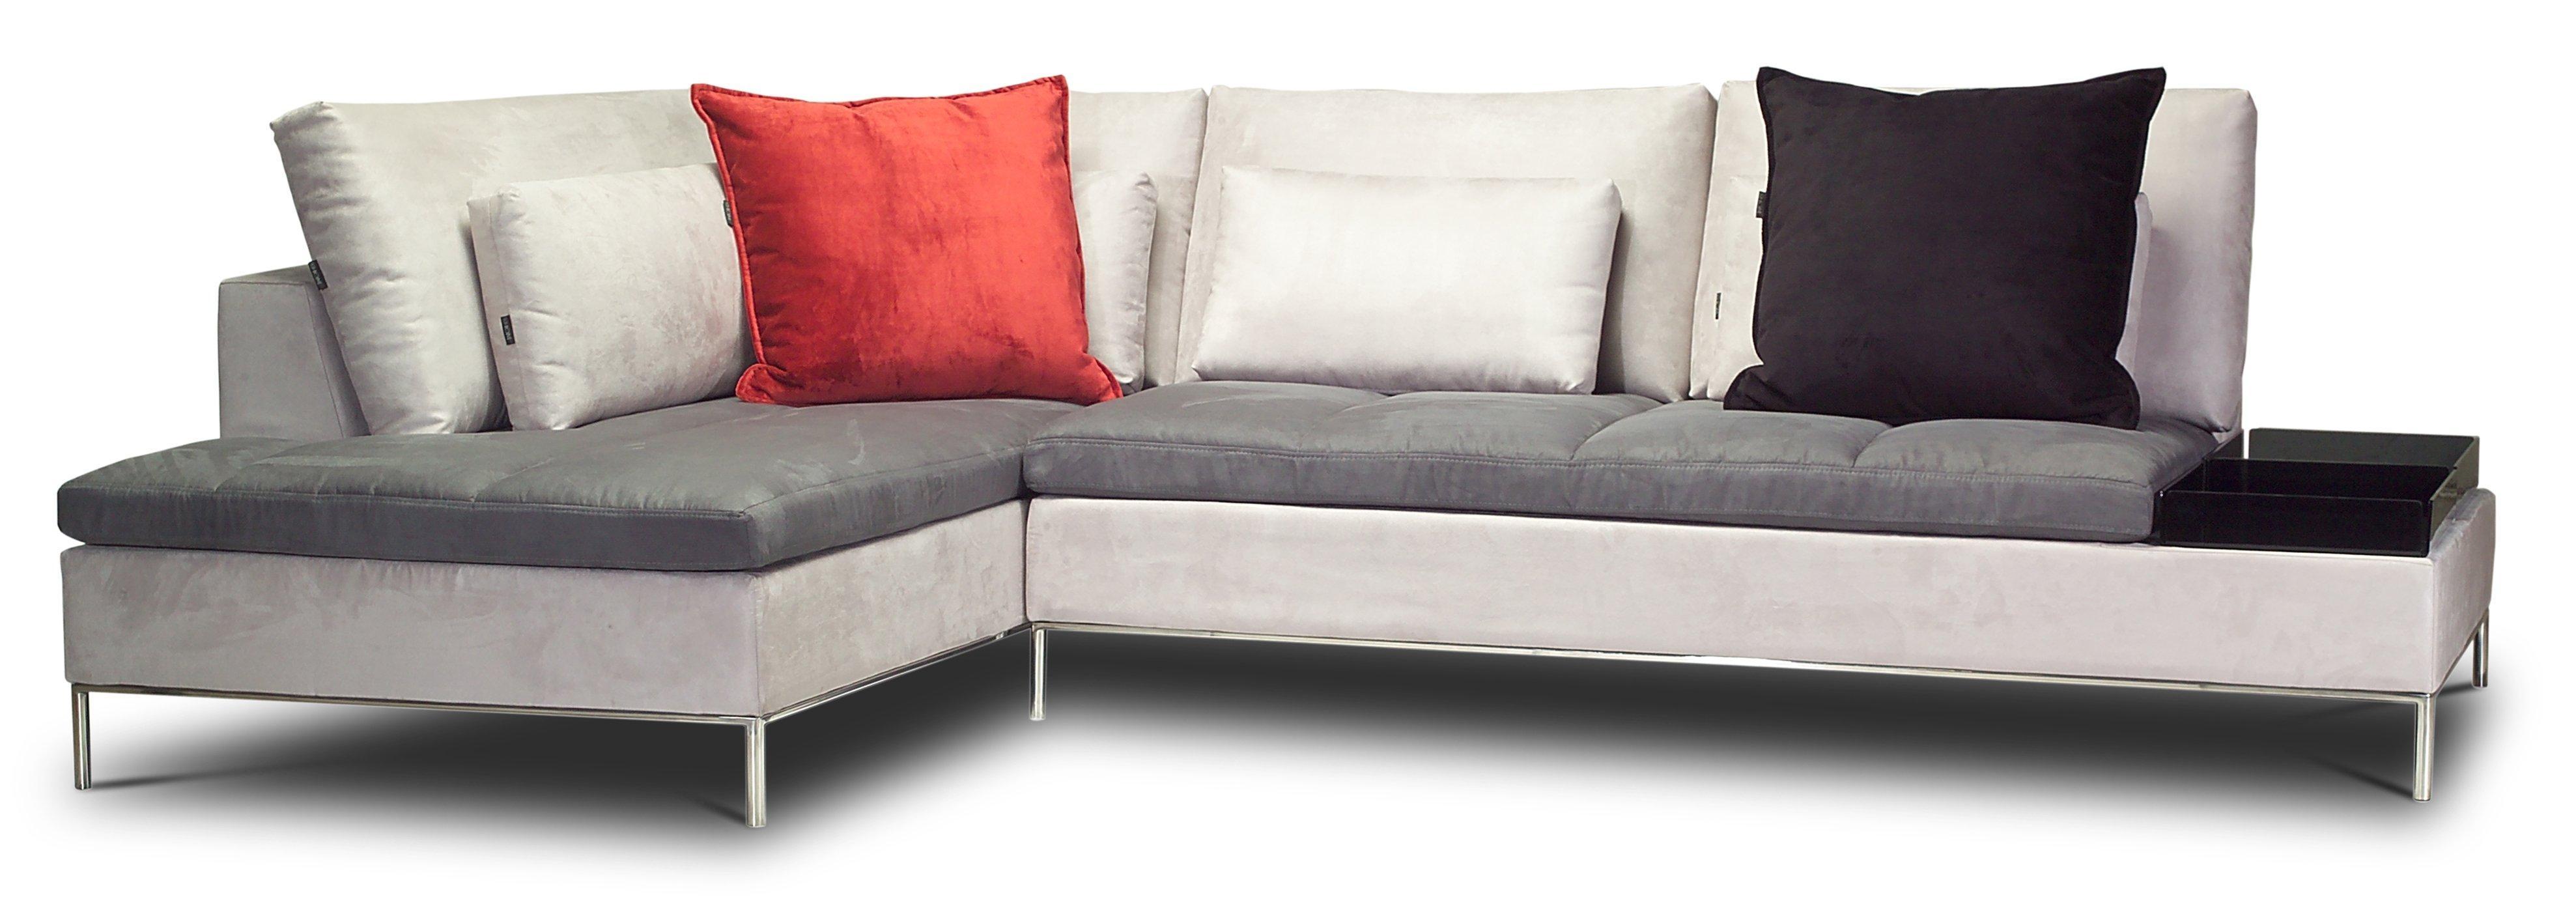 20 collection of modern sofas houston sofa ideas for Modern sectional sofas houston